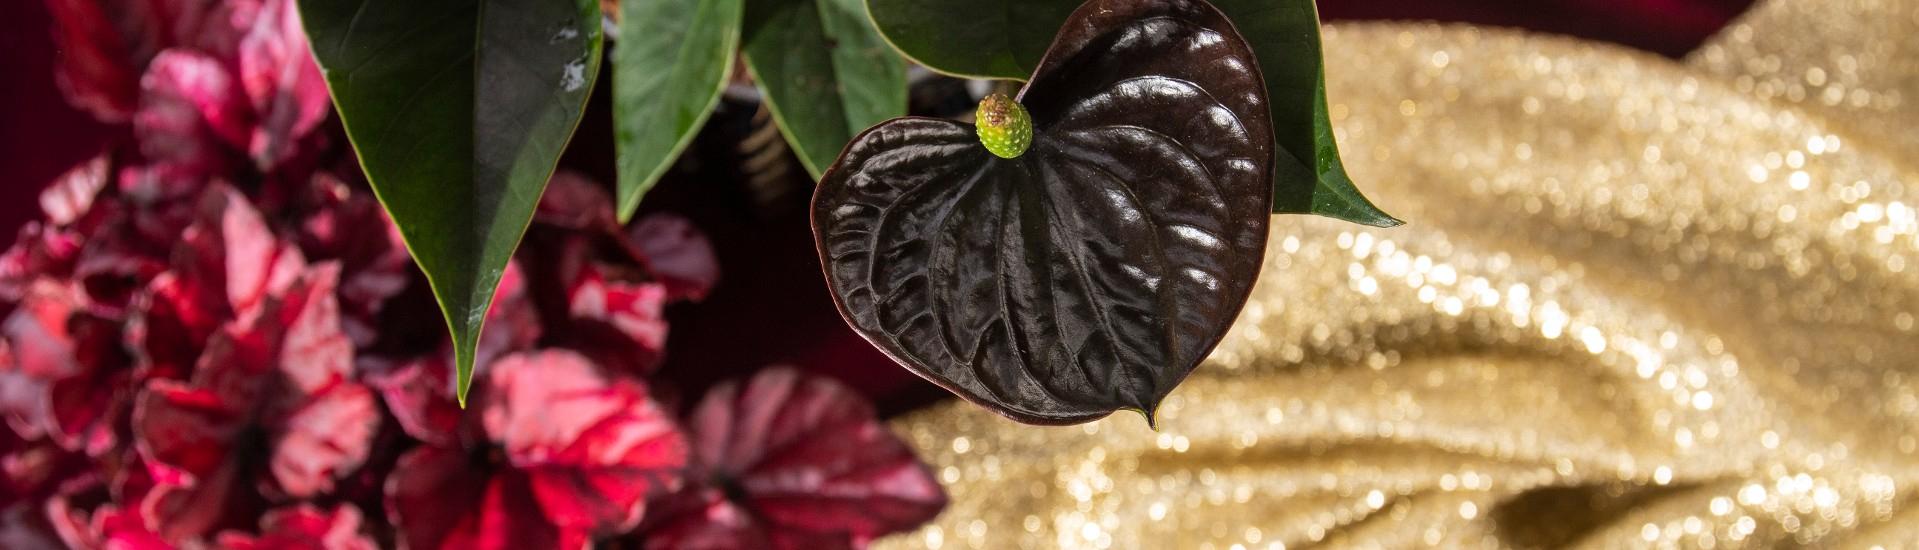 Noviflora | Special Days Calendar 2020 | 11 | 2019 | Detail